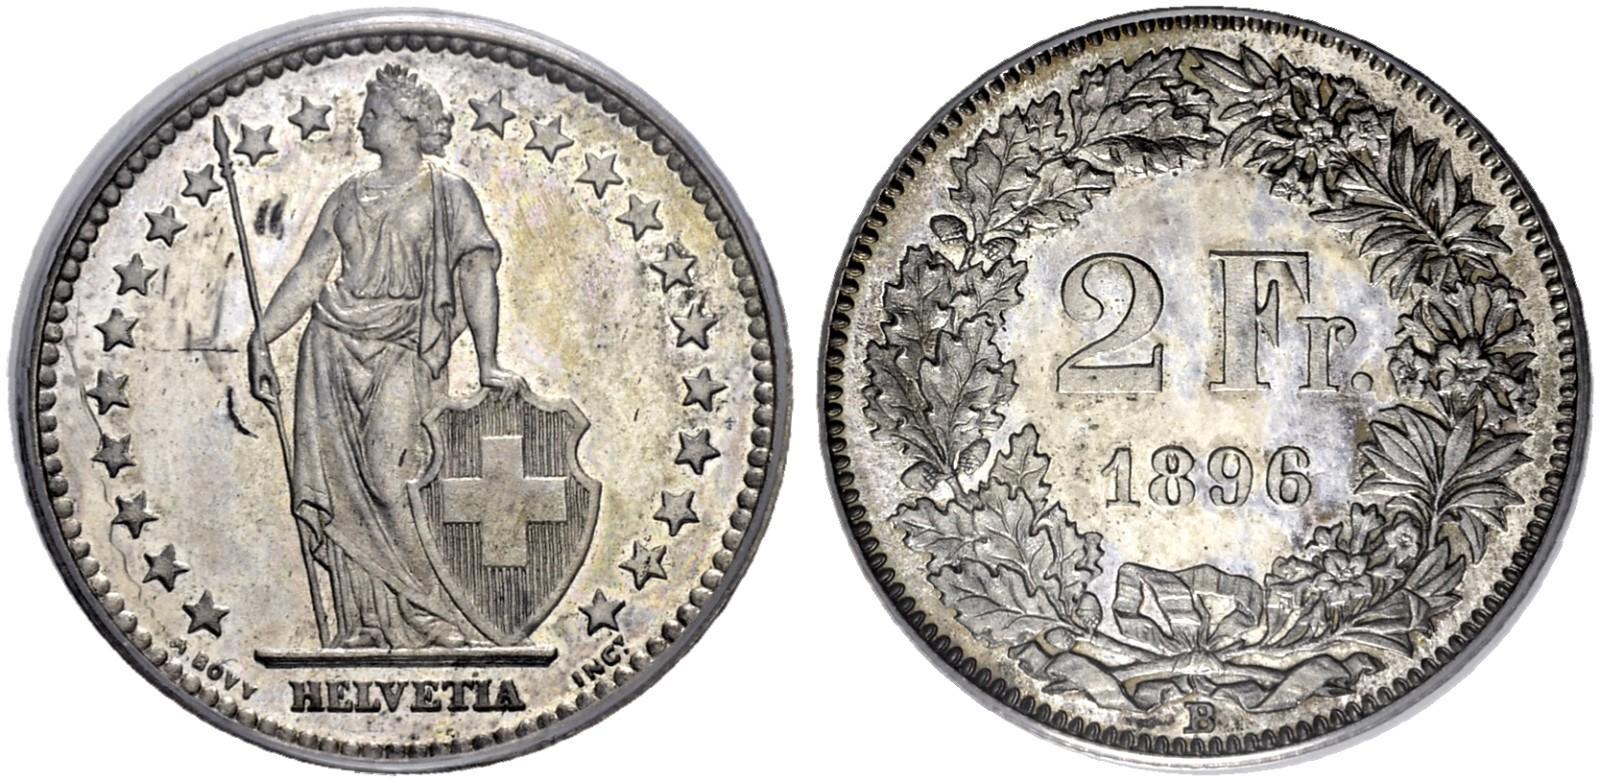 2-francos-de-1896-de-bern.-salida-35.000-francos-suizos.-sincona